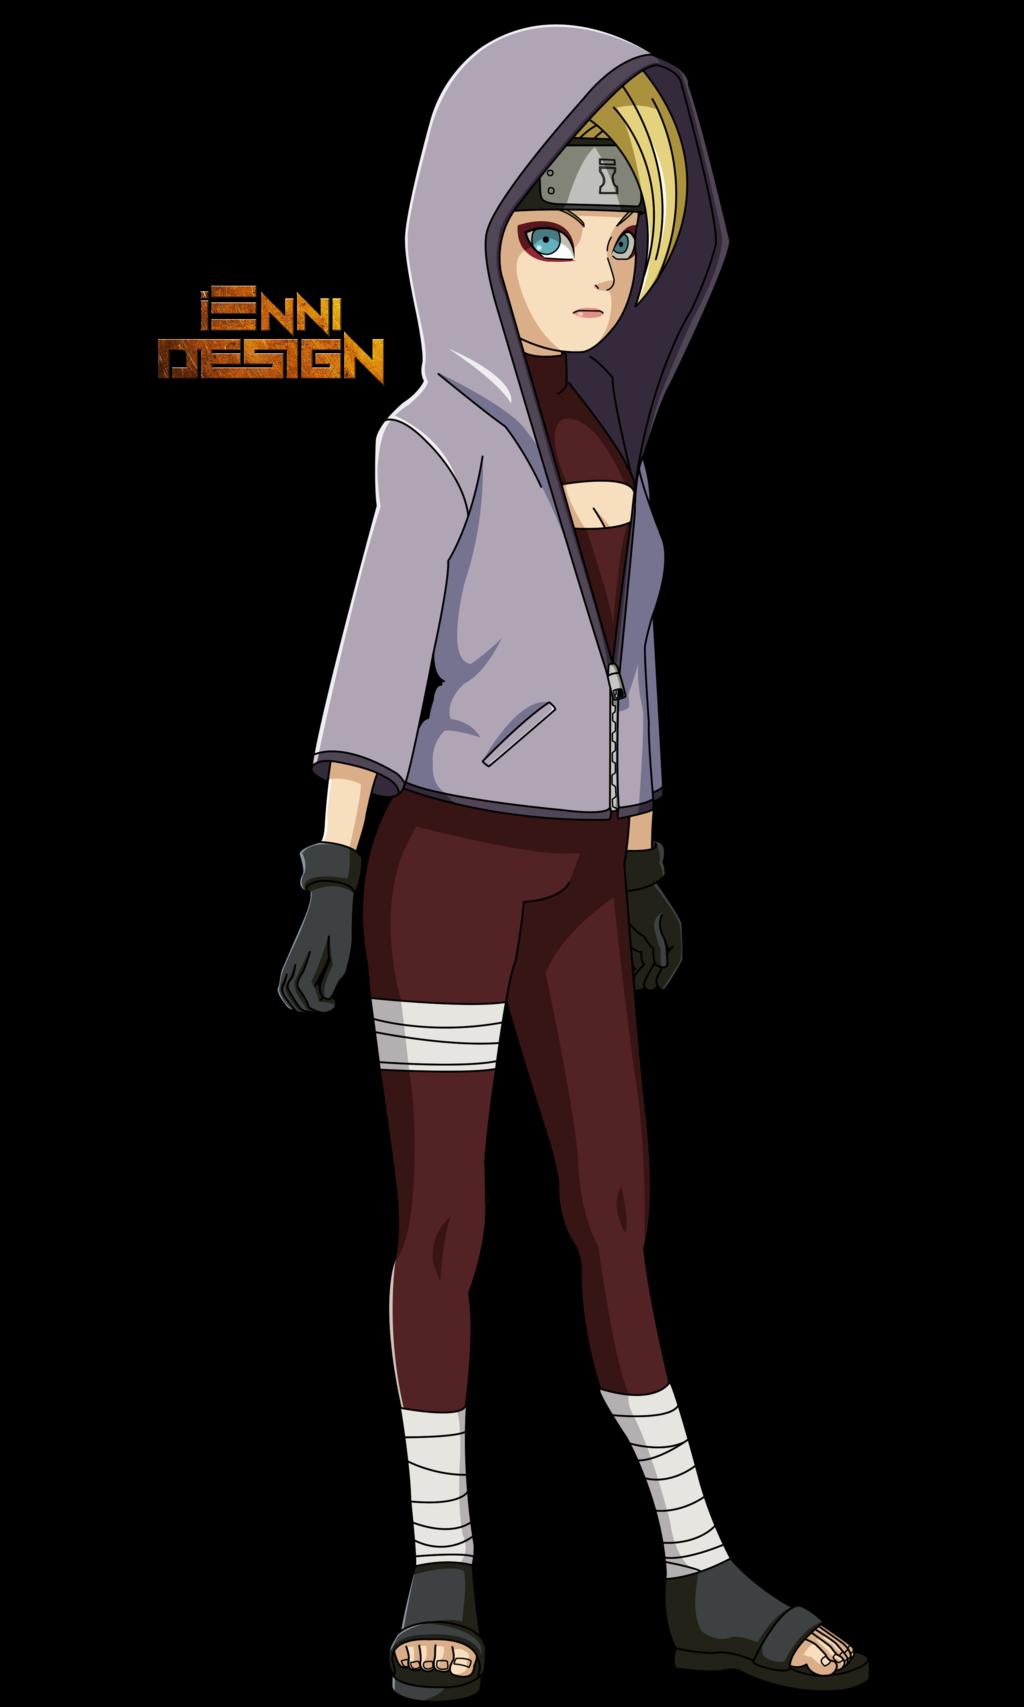 Yodo Cosplay Costume from Boruto Naruto the Movie